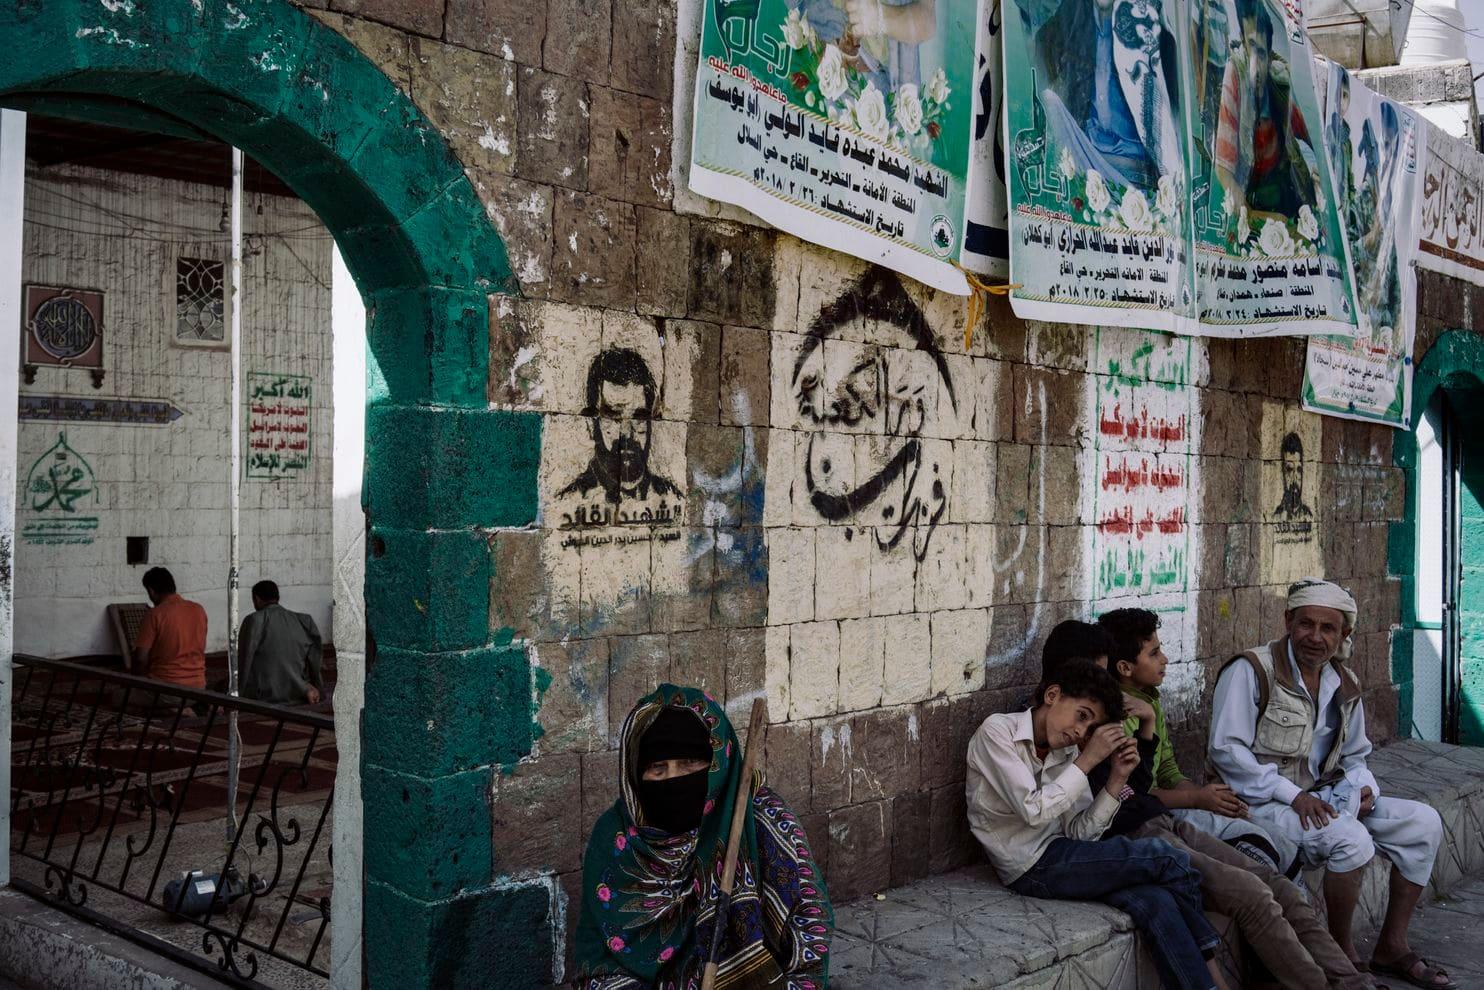 يتم عرض صور قتلى الحوثيين خارج مسجد في صنعاء. (لورينزو توغنولي لصحيفة واشنطن بوست)